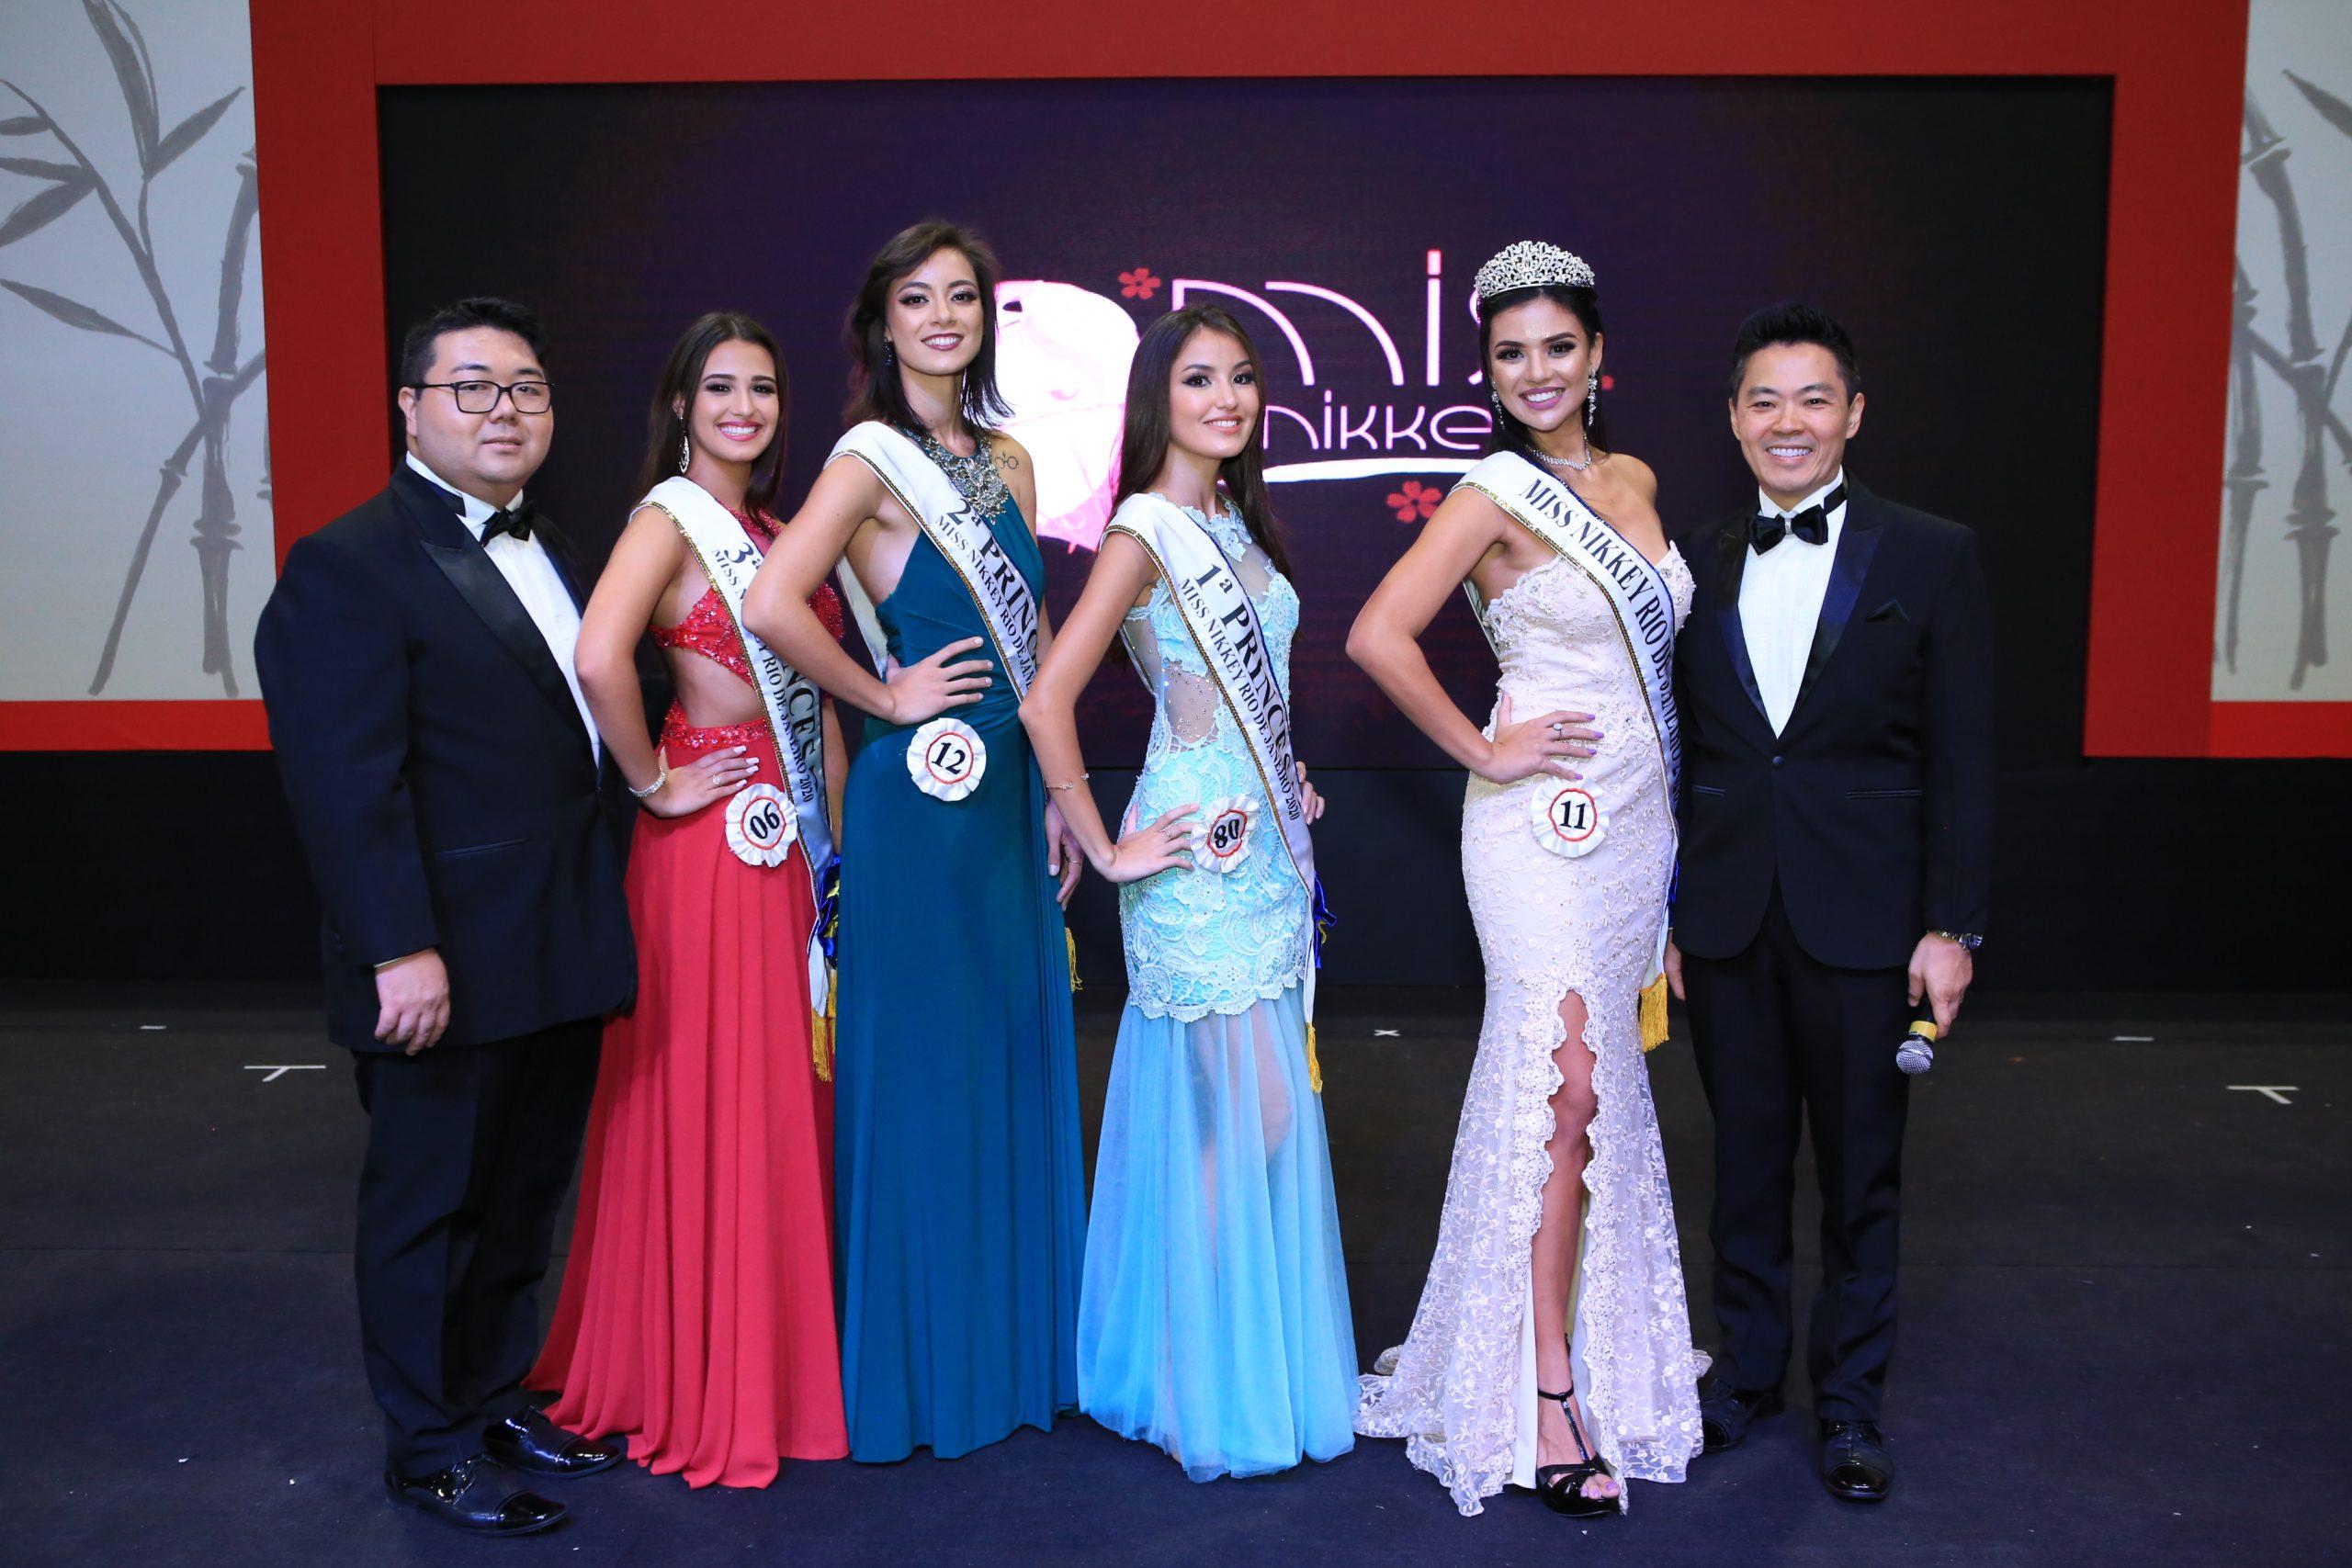 Miss Nikkey Rio de Janeiro 2020